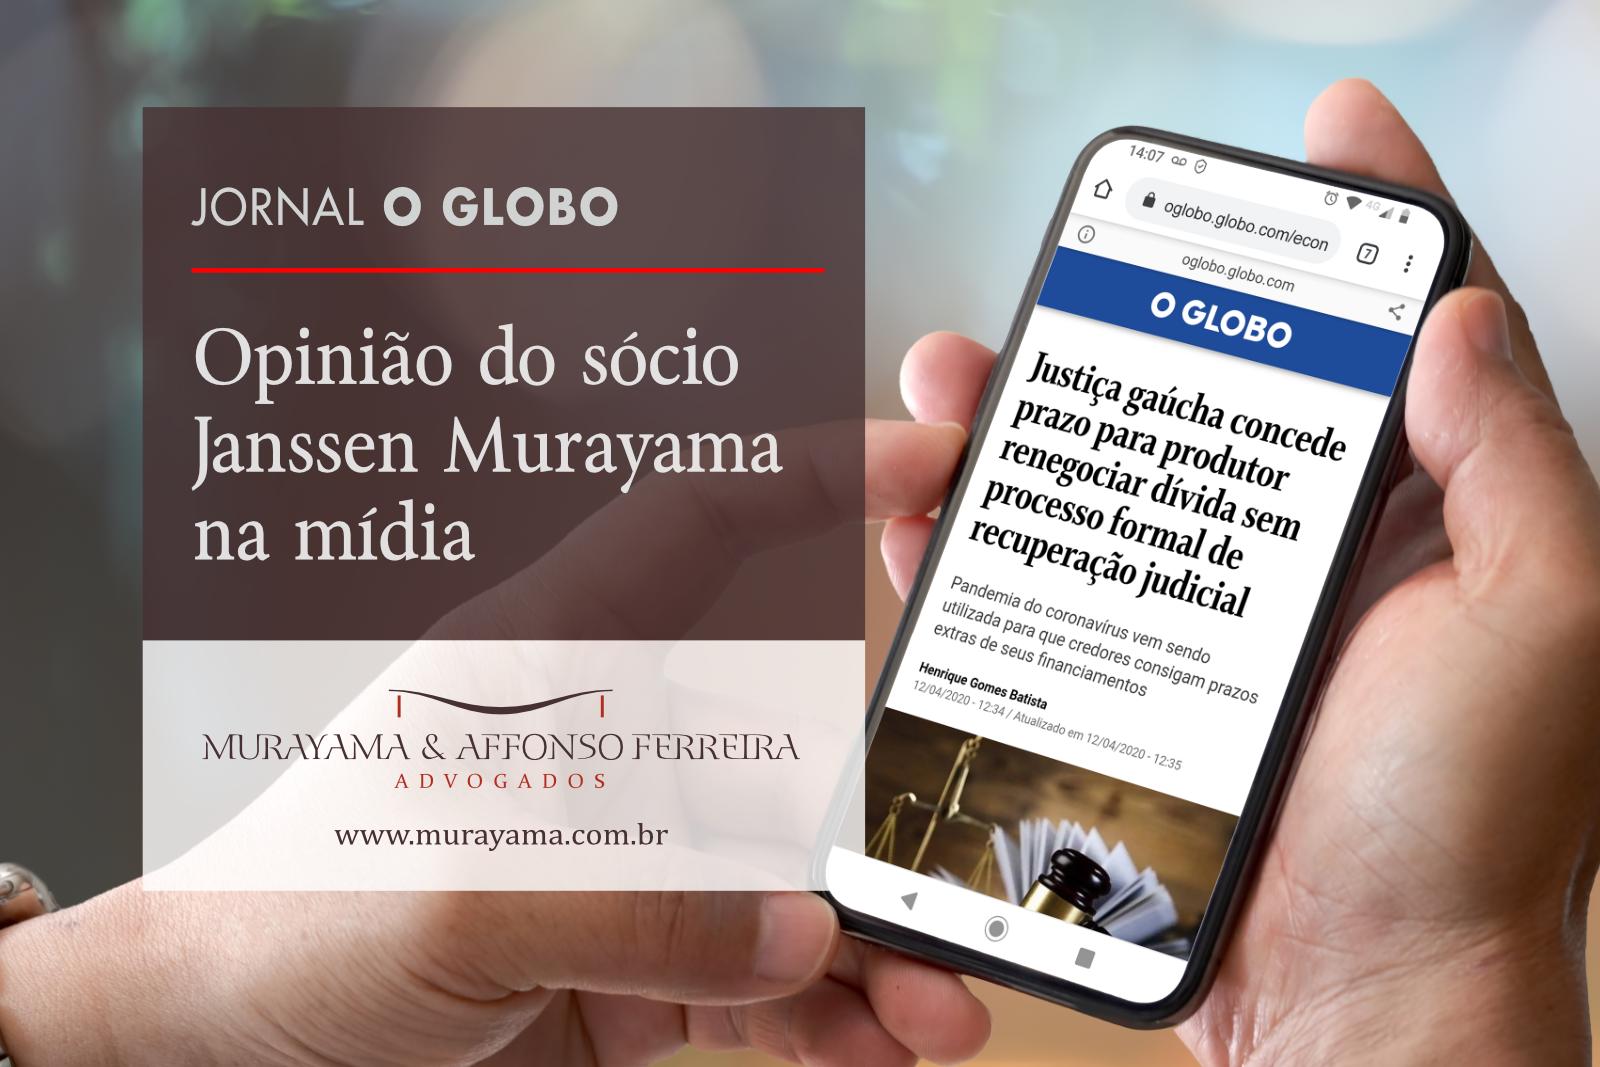 Justiça gaúcha concede prazo para produtor renegociar dívida sem processo formal de recuperação judicial